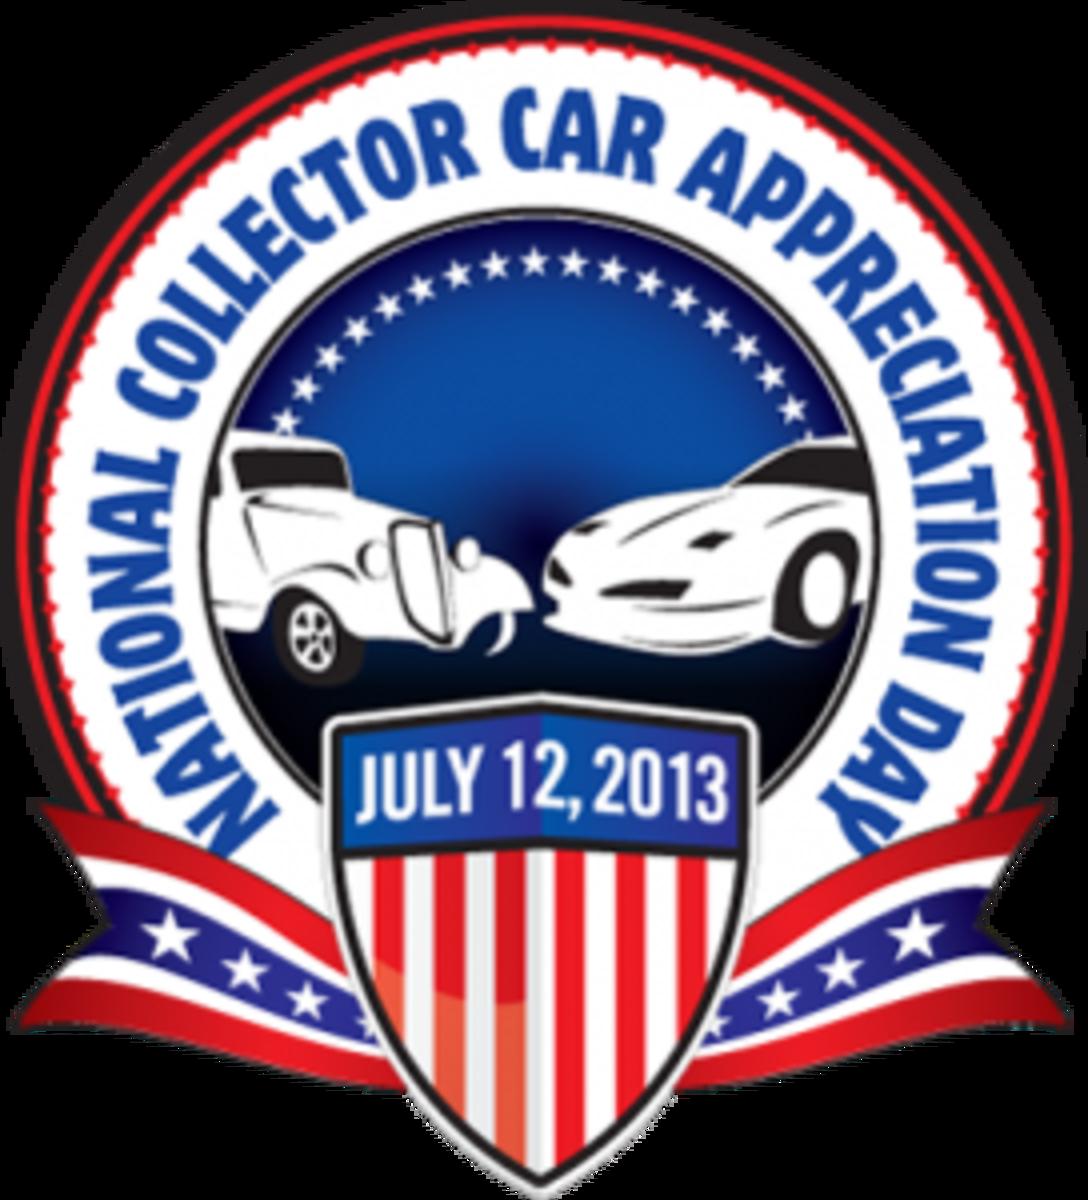 collector-car-appreciation-day-logo